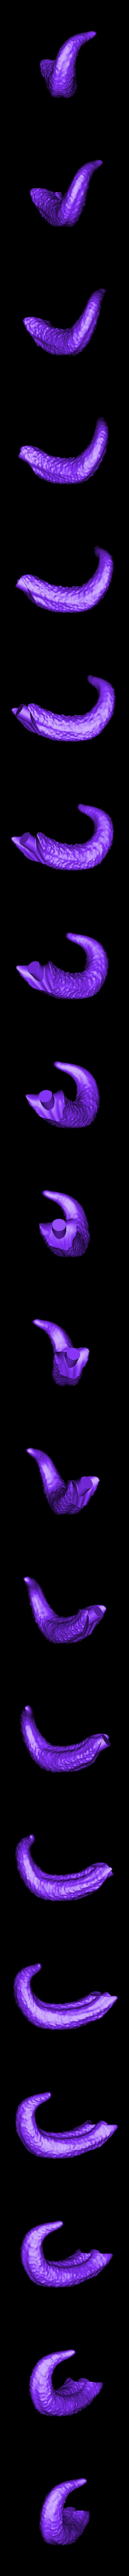 Tougue.stl Download STL file Venom Bust - Marvel 3D print model • 3D printable design, Bstar3Dart